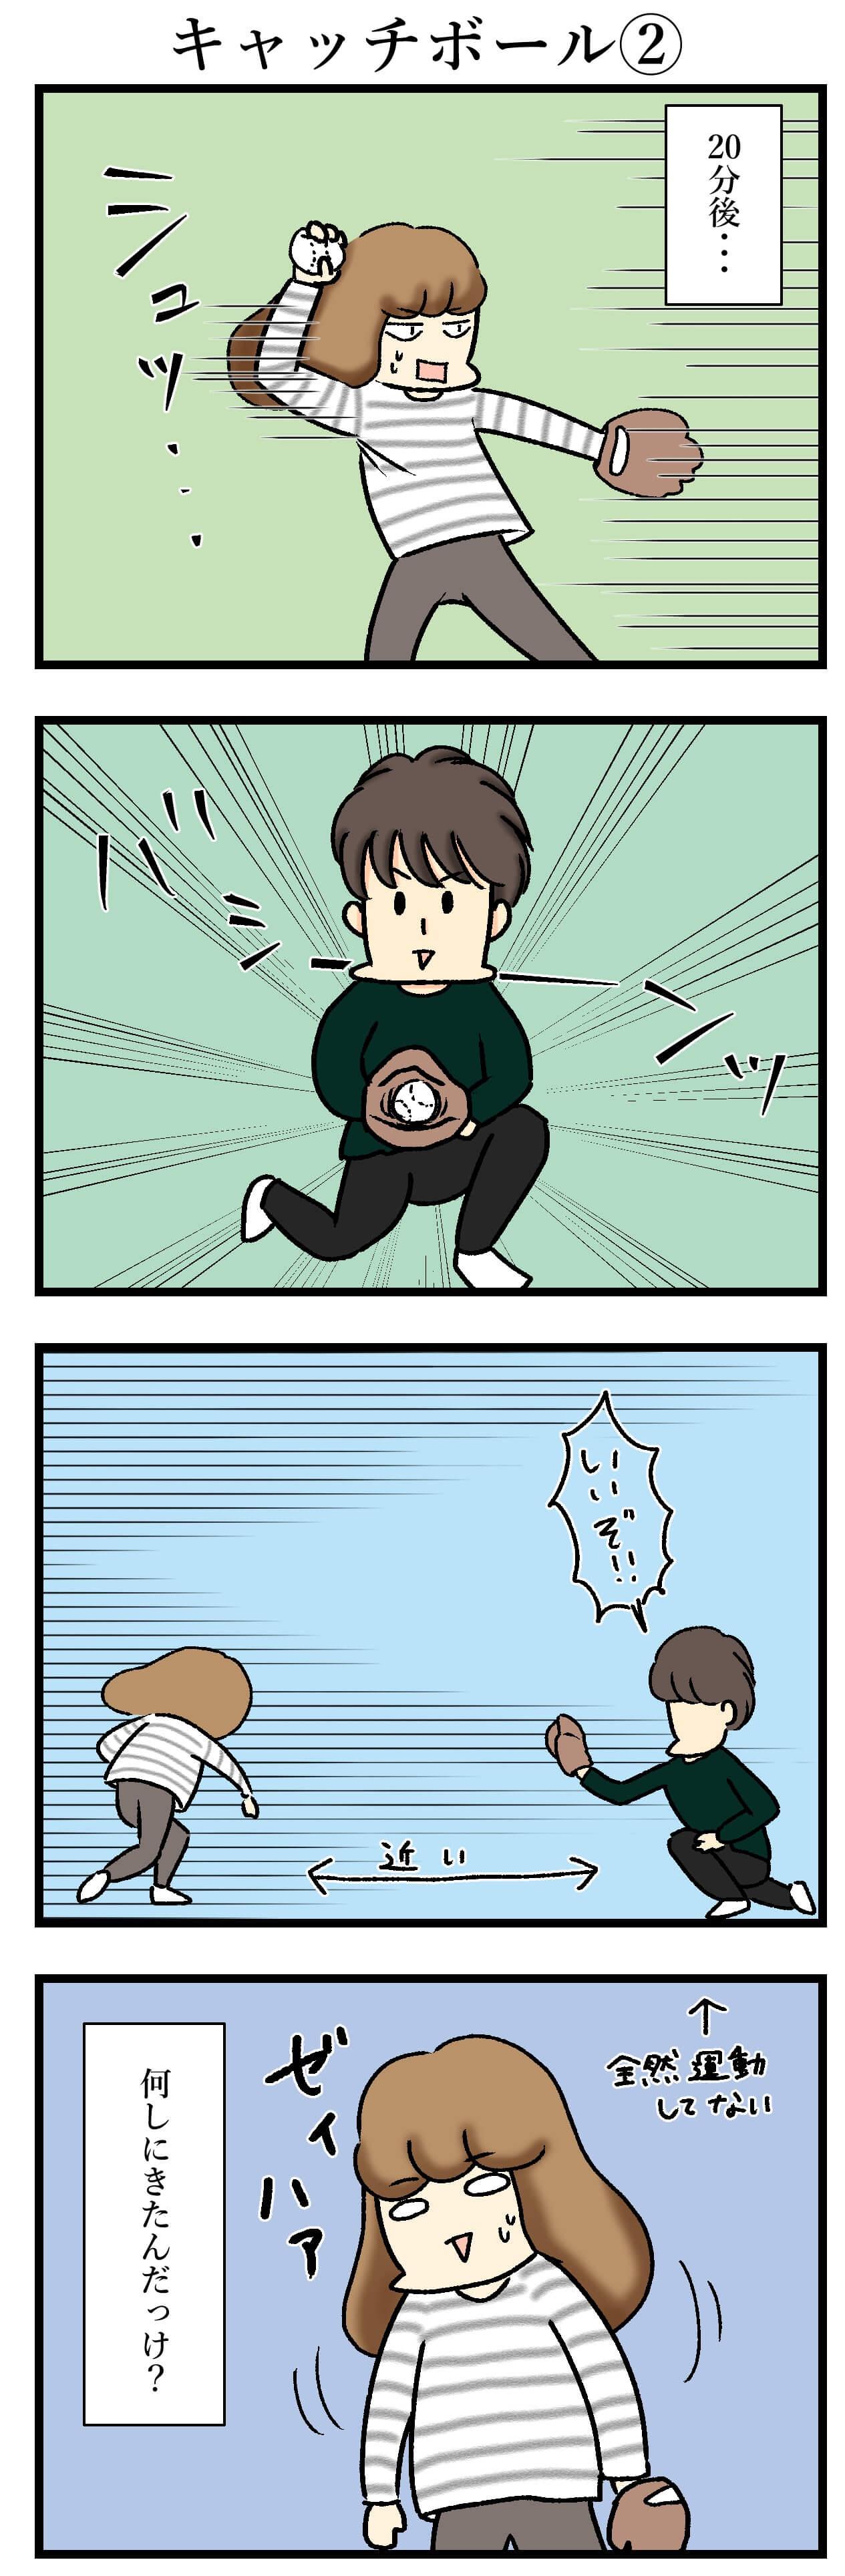 【エッセイ漫画】アラサー主婦くま子のふがいない日常(86)